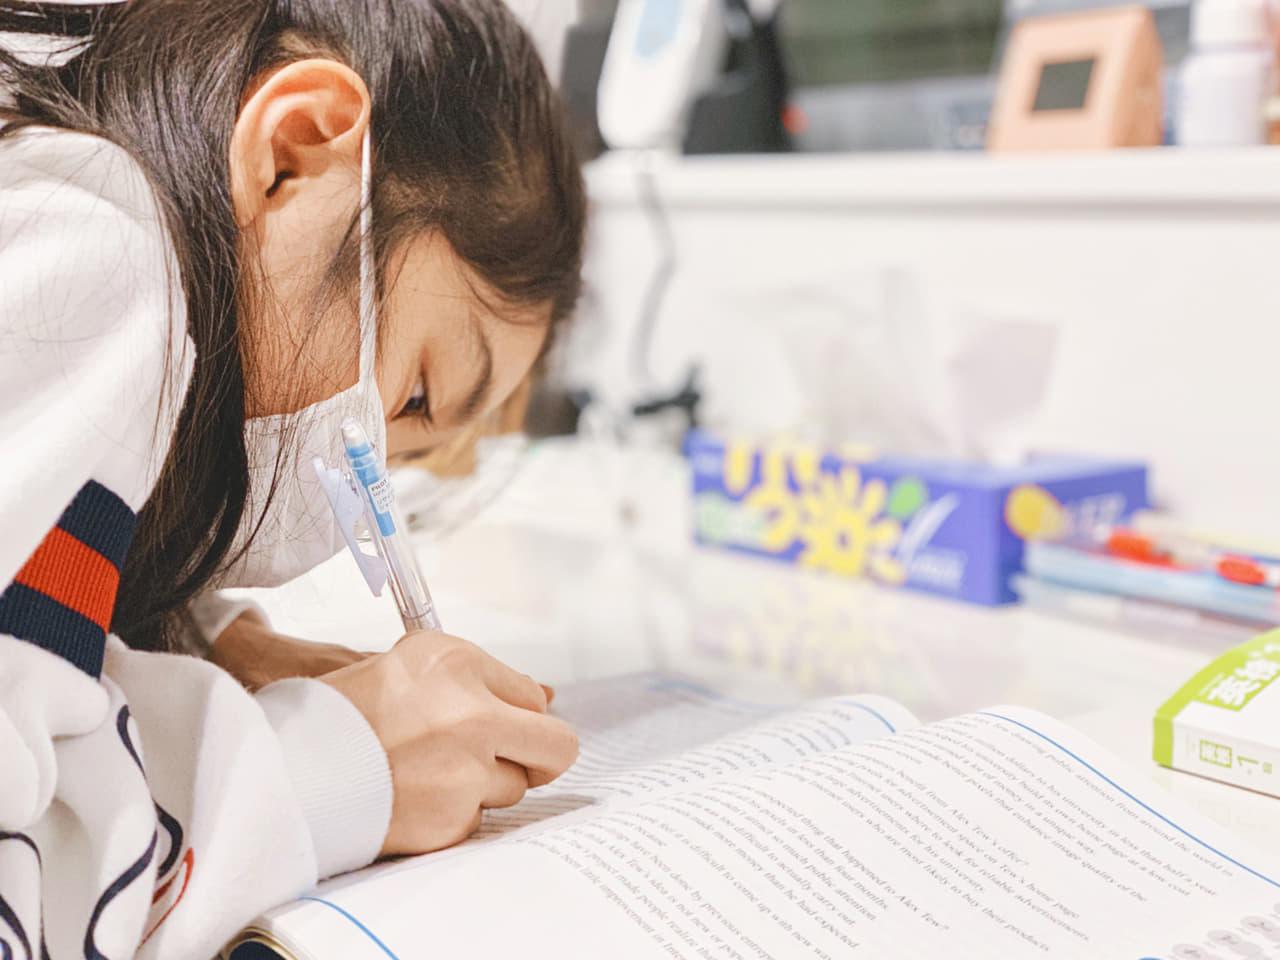 マスクをつけ勉強する女の子